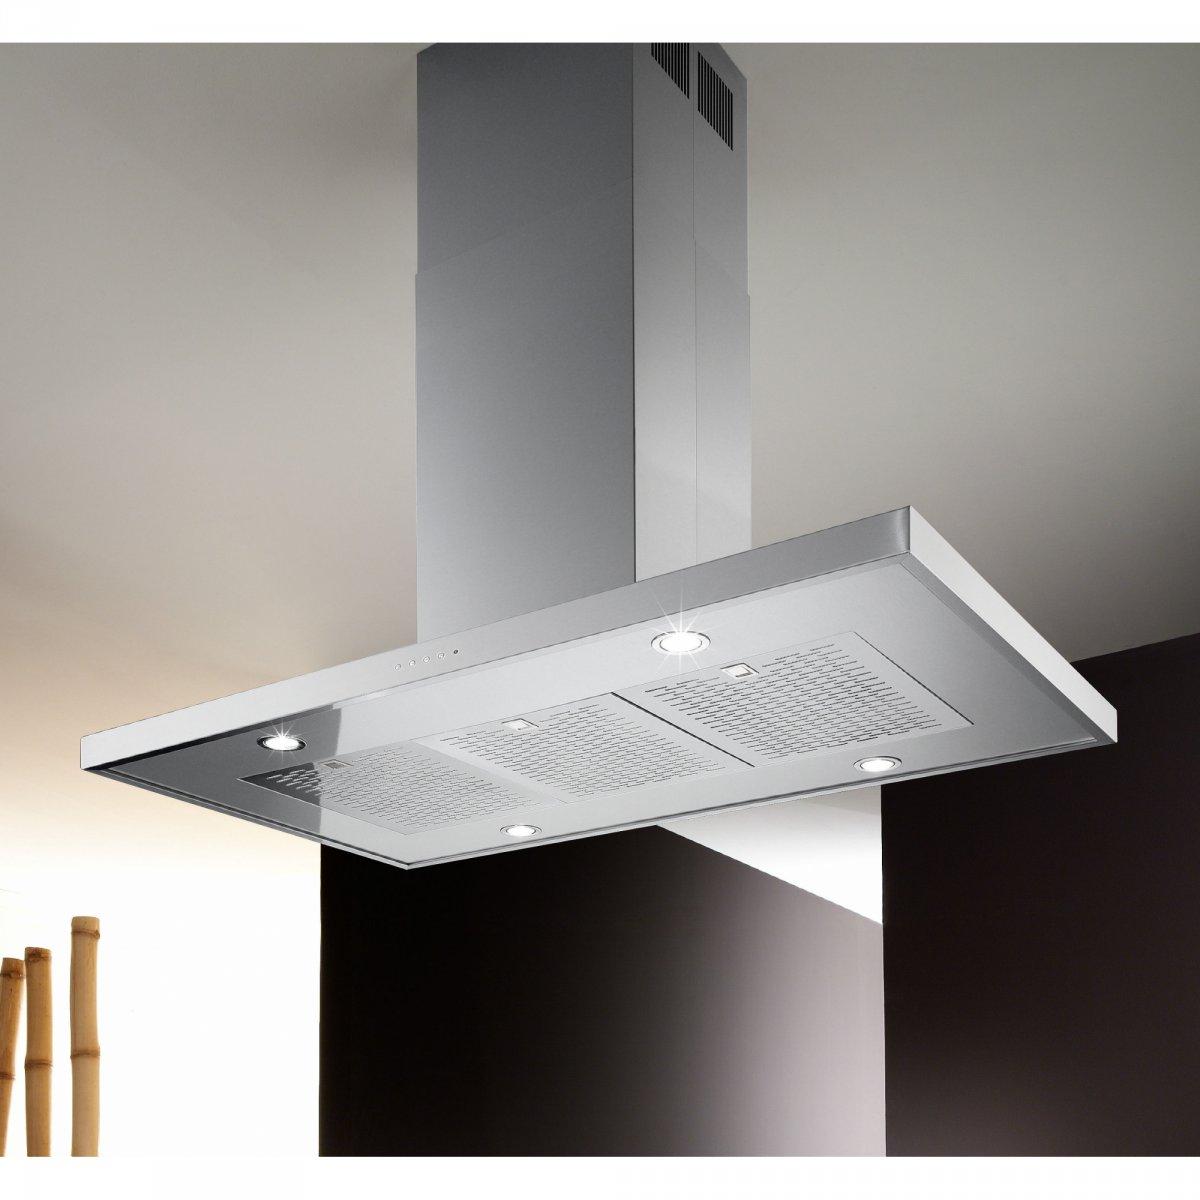 Airone: Cappa Slim Isola EVO 90 Airone   elettrodomestici ...